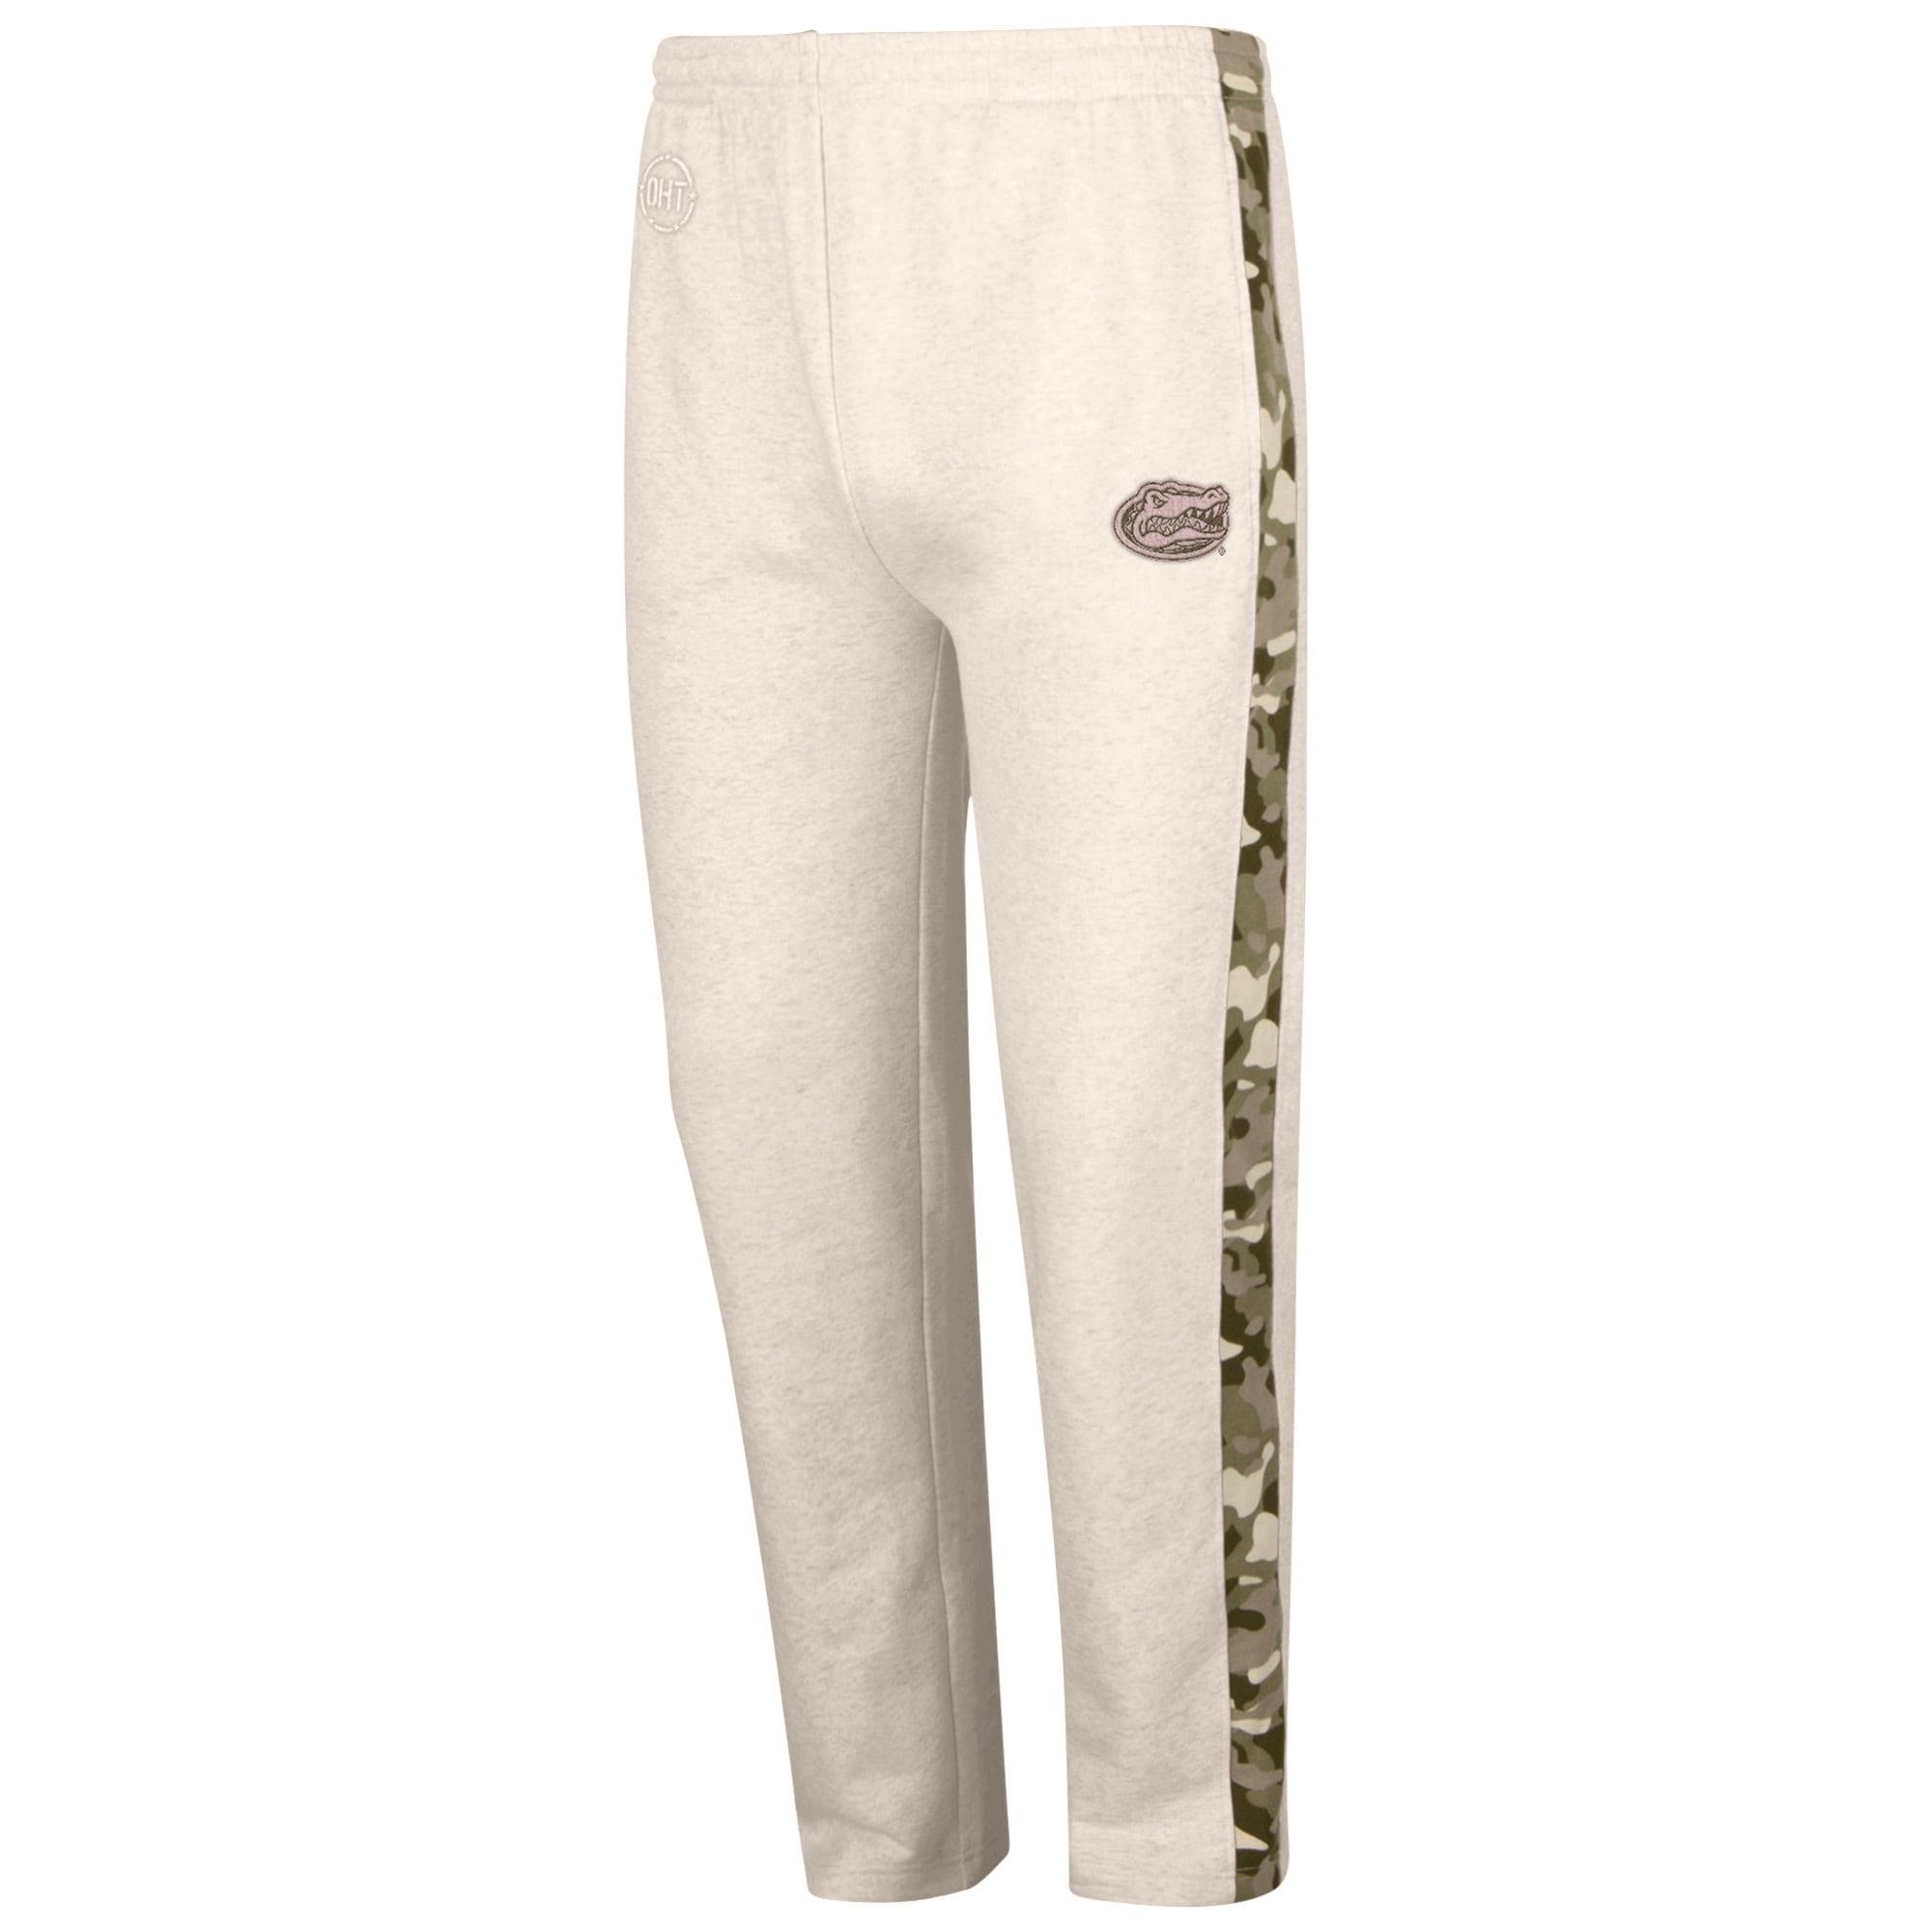 XL 2XL Gray Fleece Warm//Comfy Pants FREE SHIPPING MEN Size S GATORS